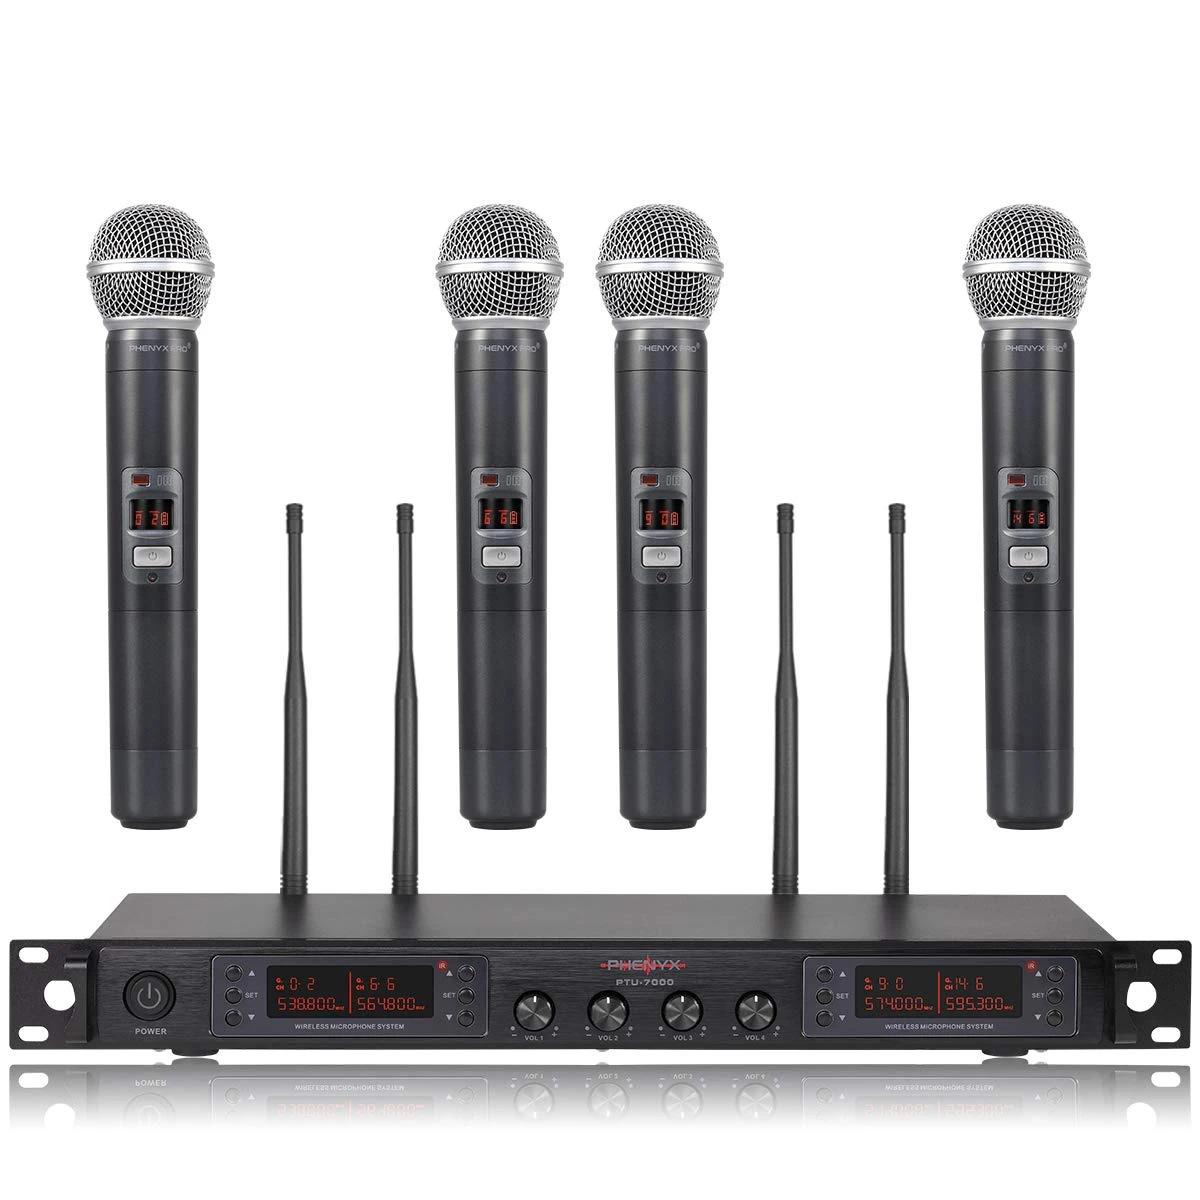 Hệ thống micrô không dây UHF 4 kênh Phenyx Pro PTU-7000A chính hãng với tính năng quét tự động ( 4x40 kênh)